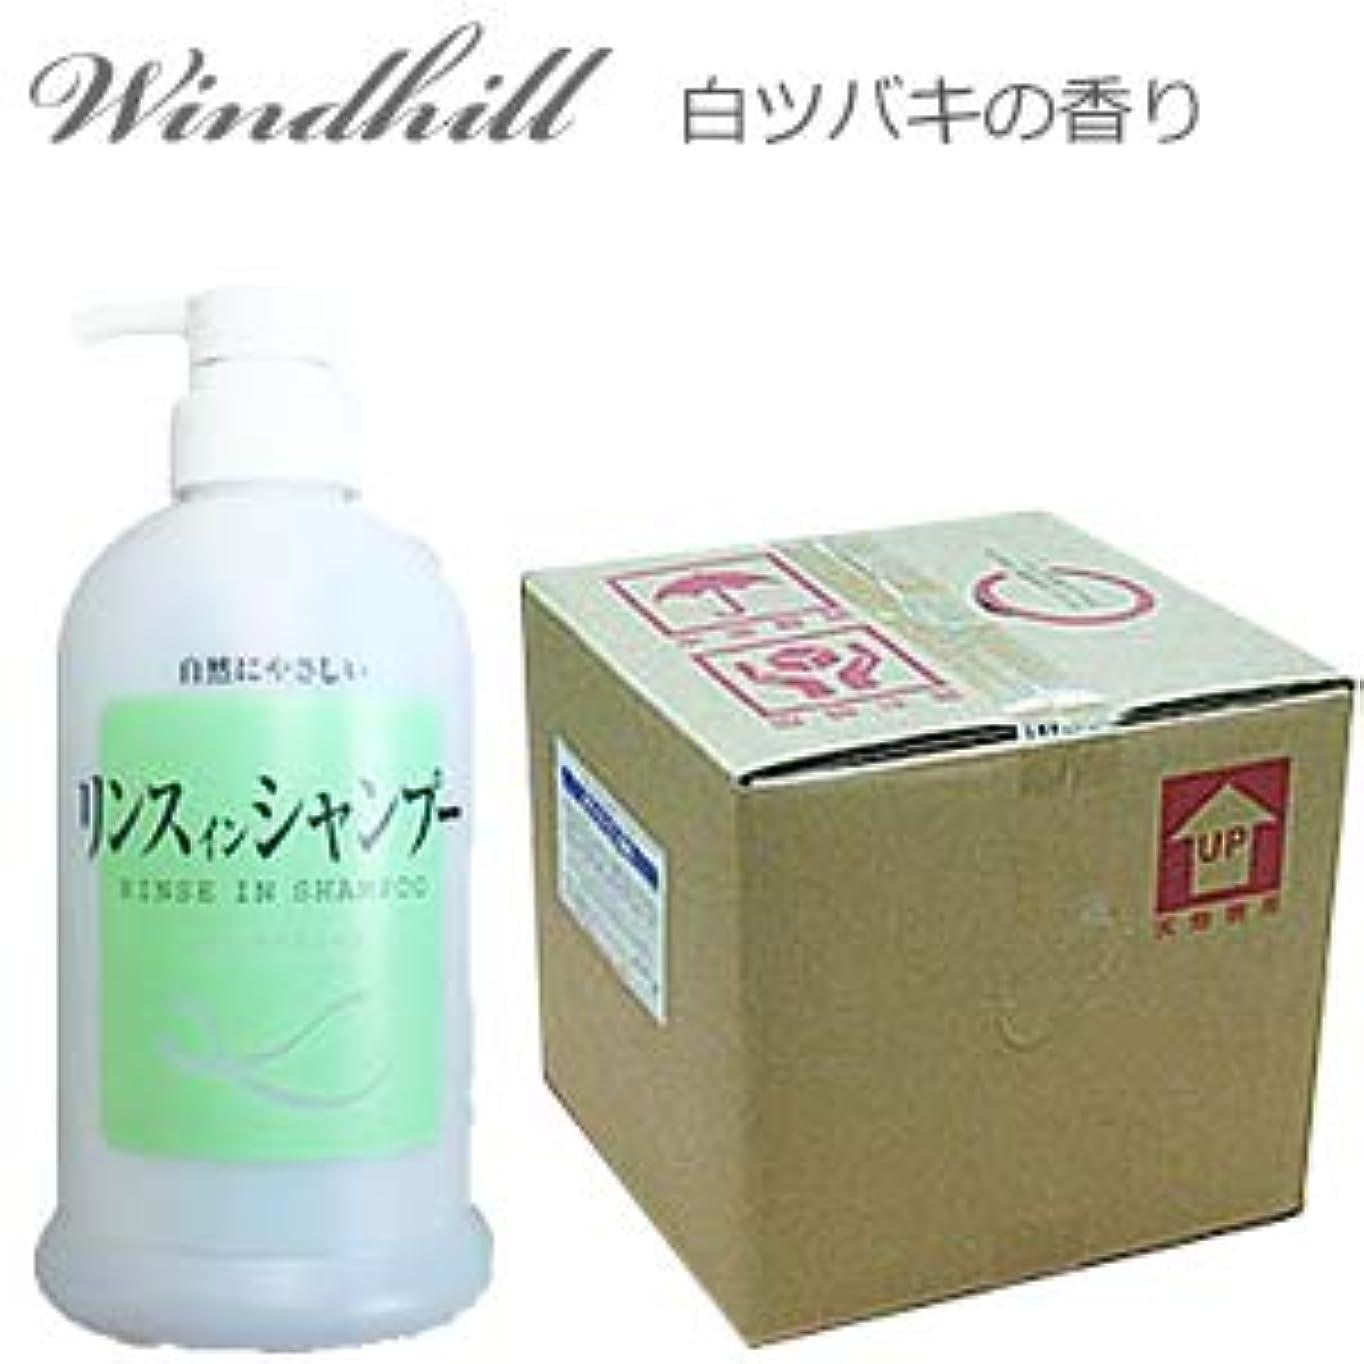 スプリット累積望ましいなんと! 500ml当り175円 Windhill 植物性 業務用 リンスインシャンプー 白椿の香り